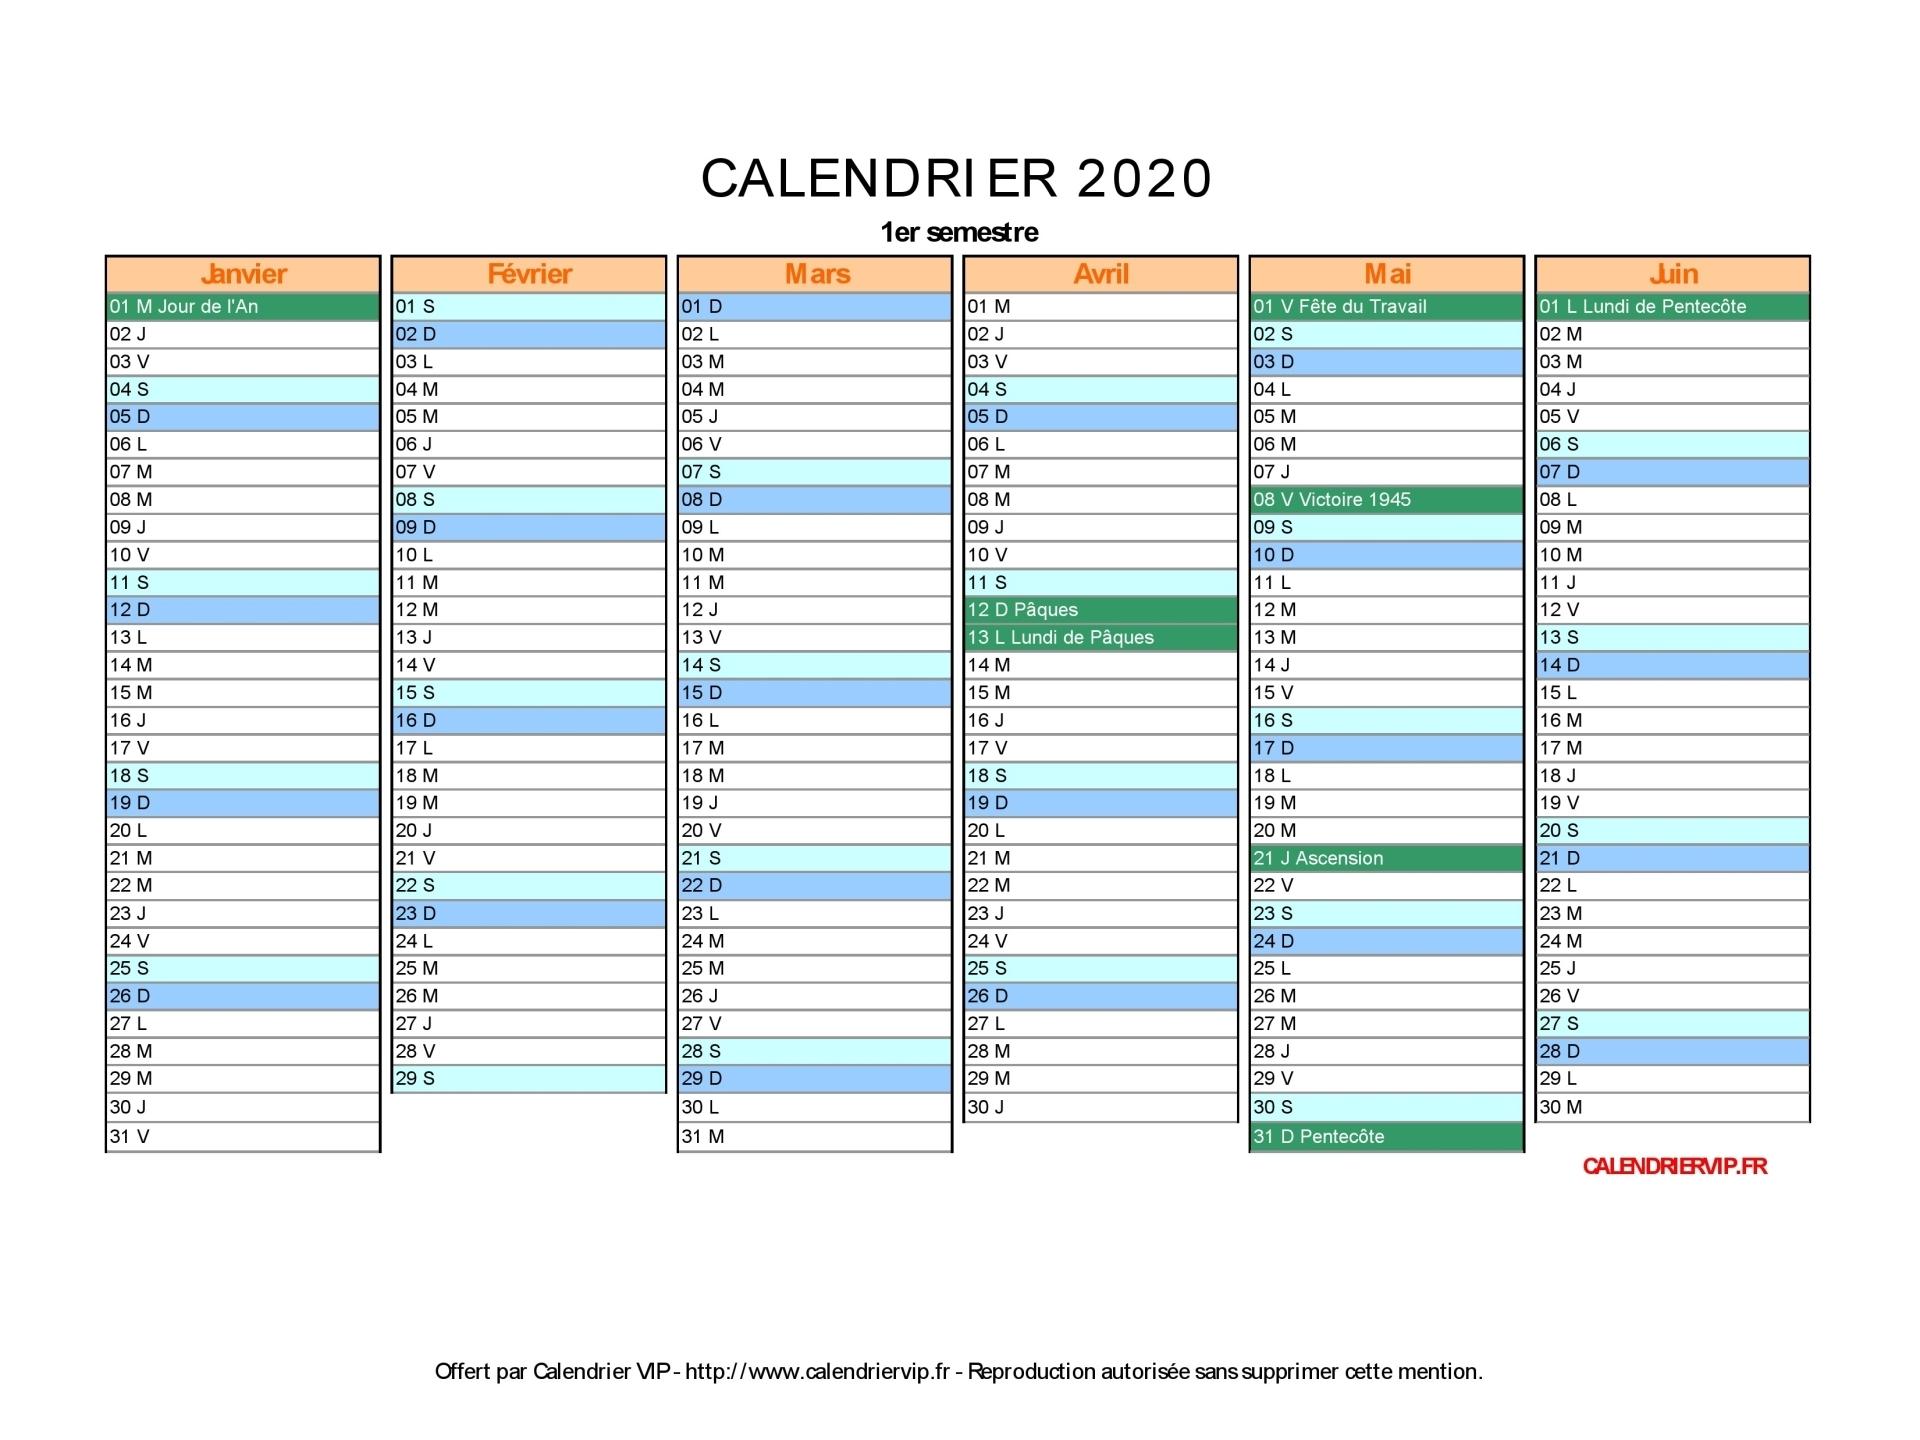 Calendrier Juillet 2020 A Imprimer Gratuit.Calendrier 2020 A Imprimer Gratuit En Pdf Et Excel